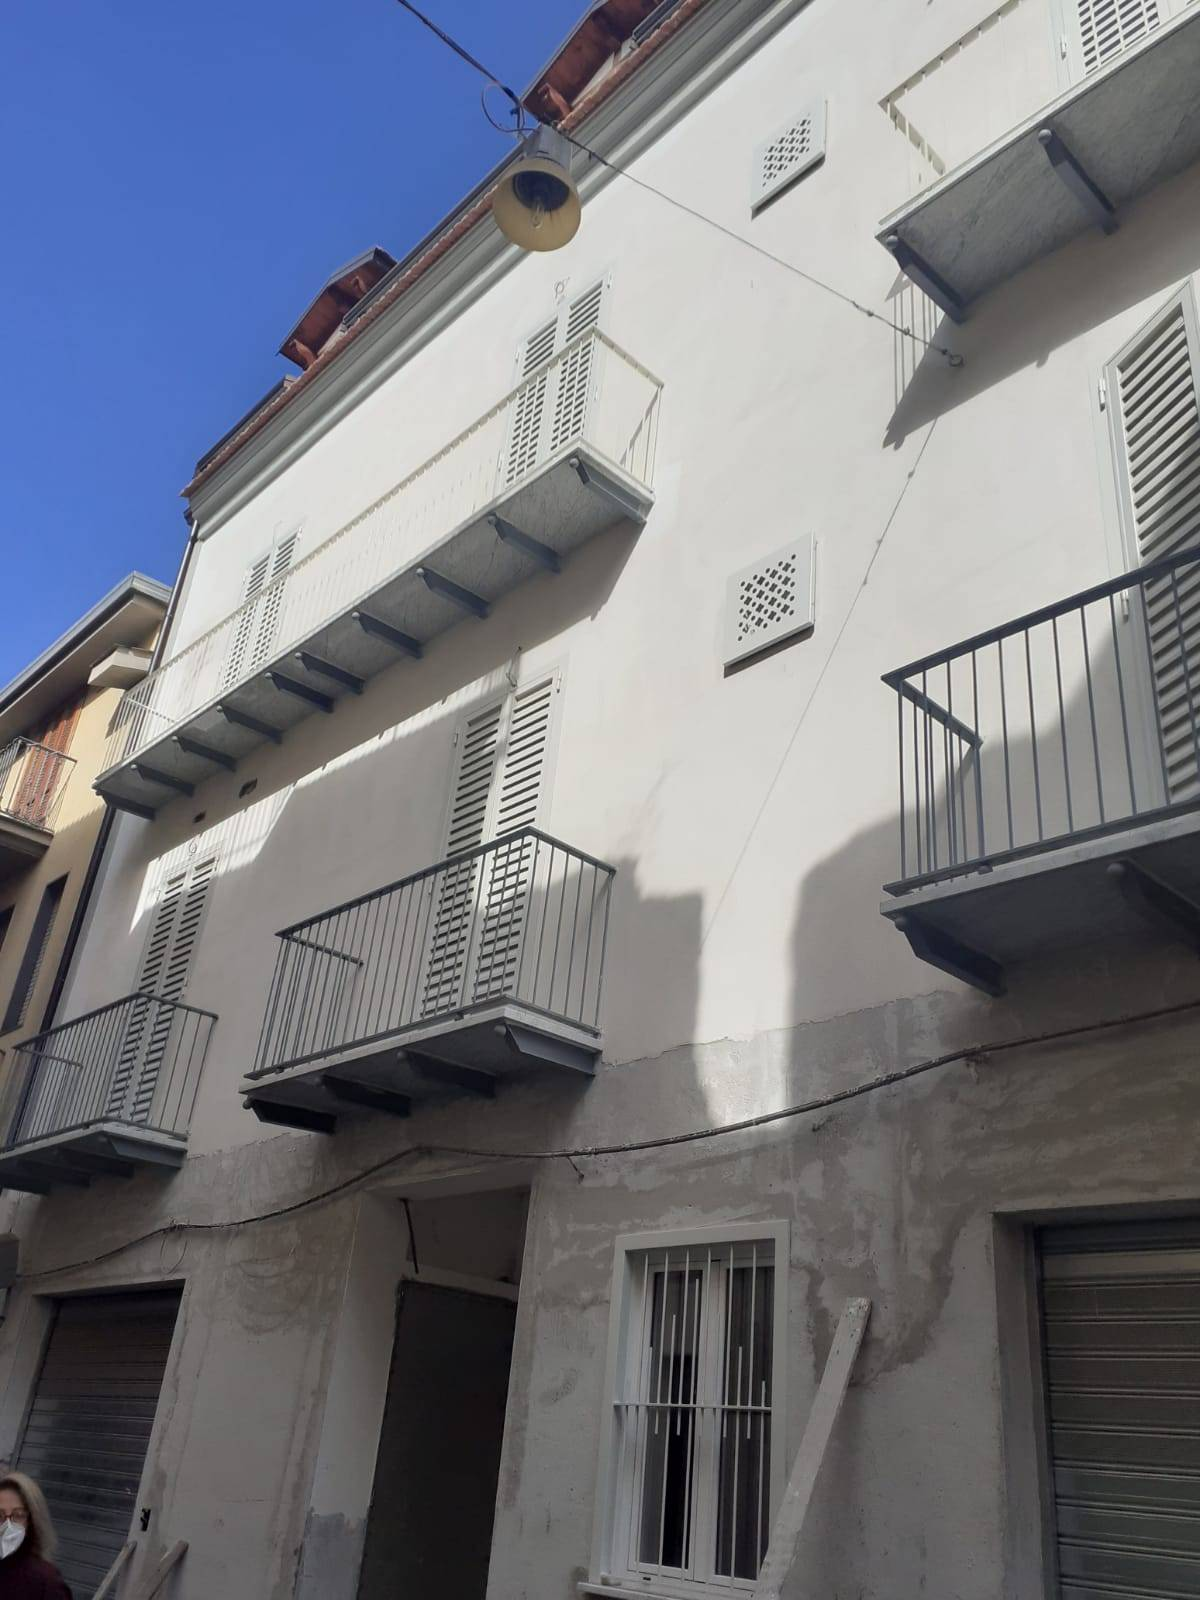 Attico / Mansarda in vendita a Marigliano, 4 locali, prezzo € 227.000 | CambioCasa.it